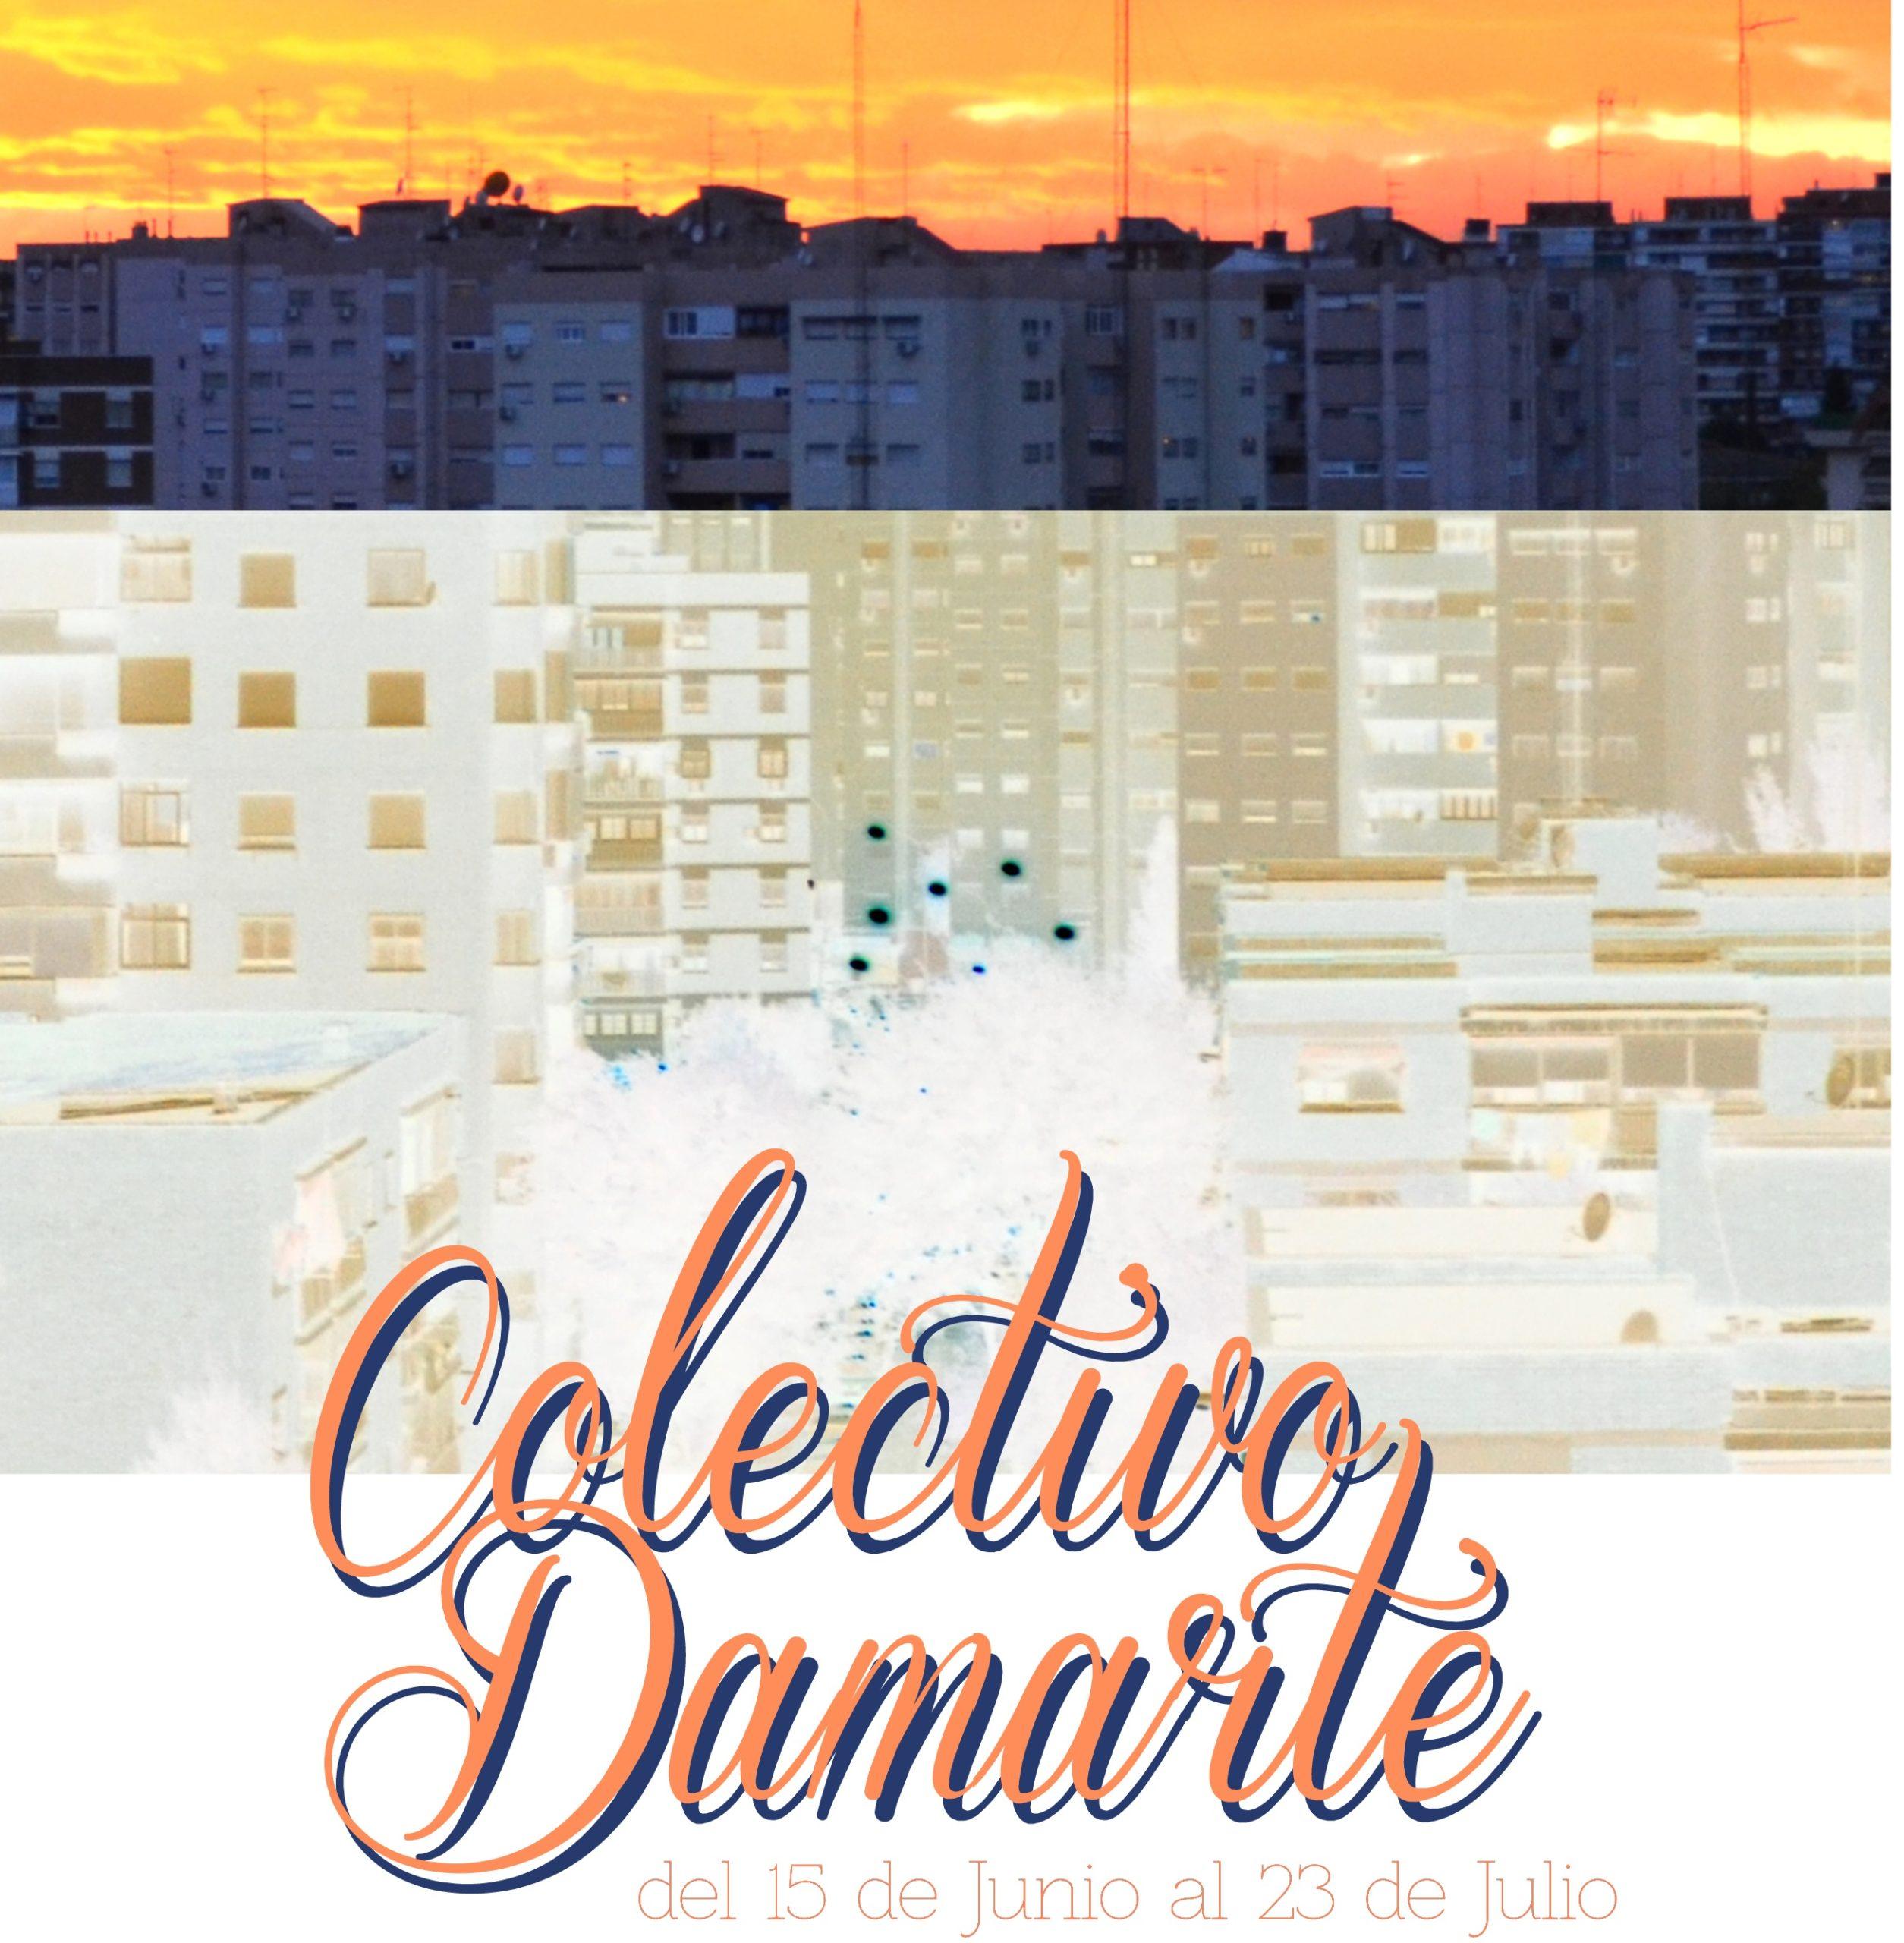 COLECTIVO DE PINTORES DAMARTE – Del 15 de junio al 23 de julio de 2017. SALA COLECTIVOS